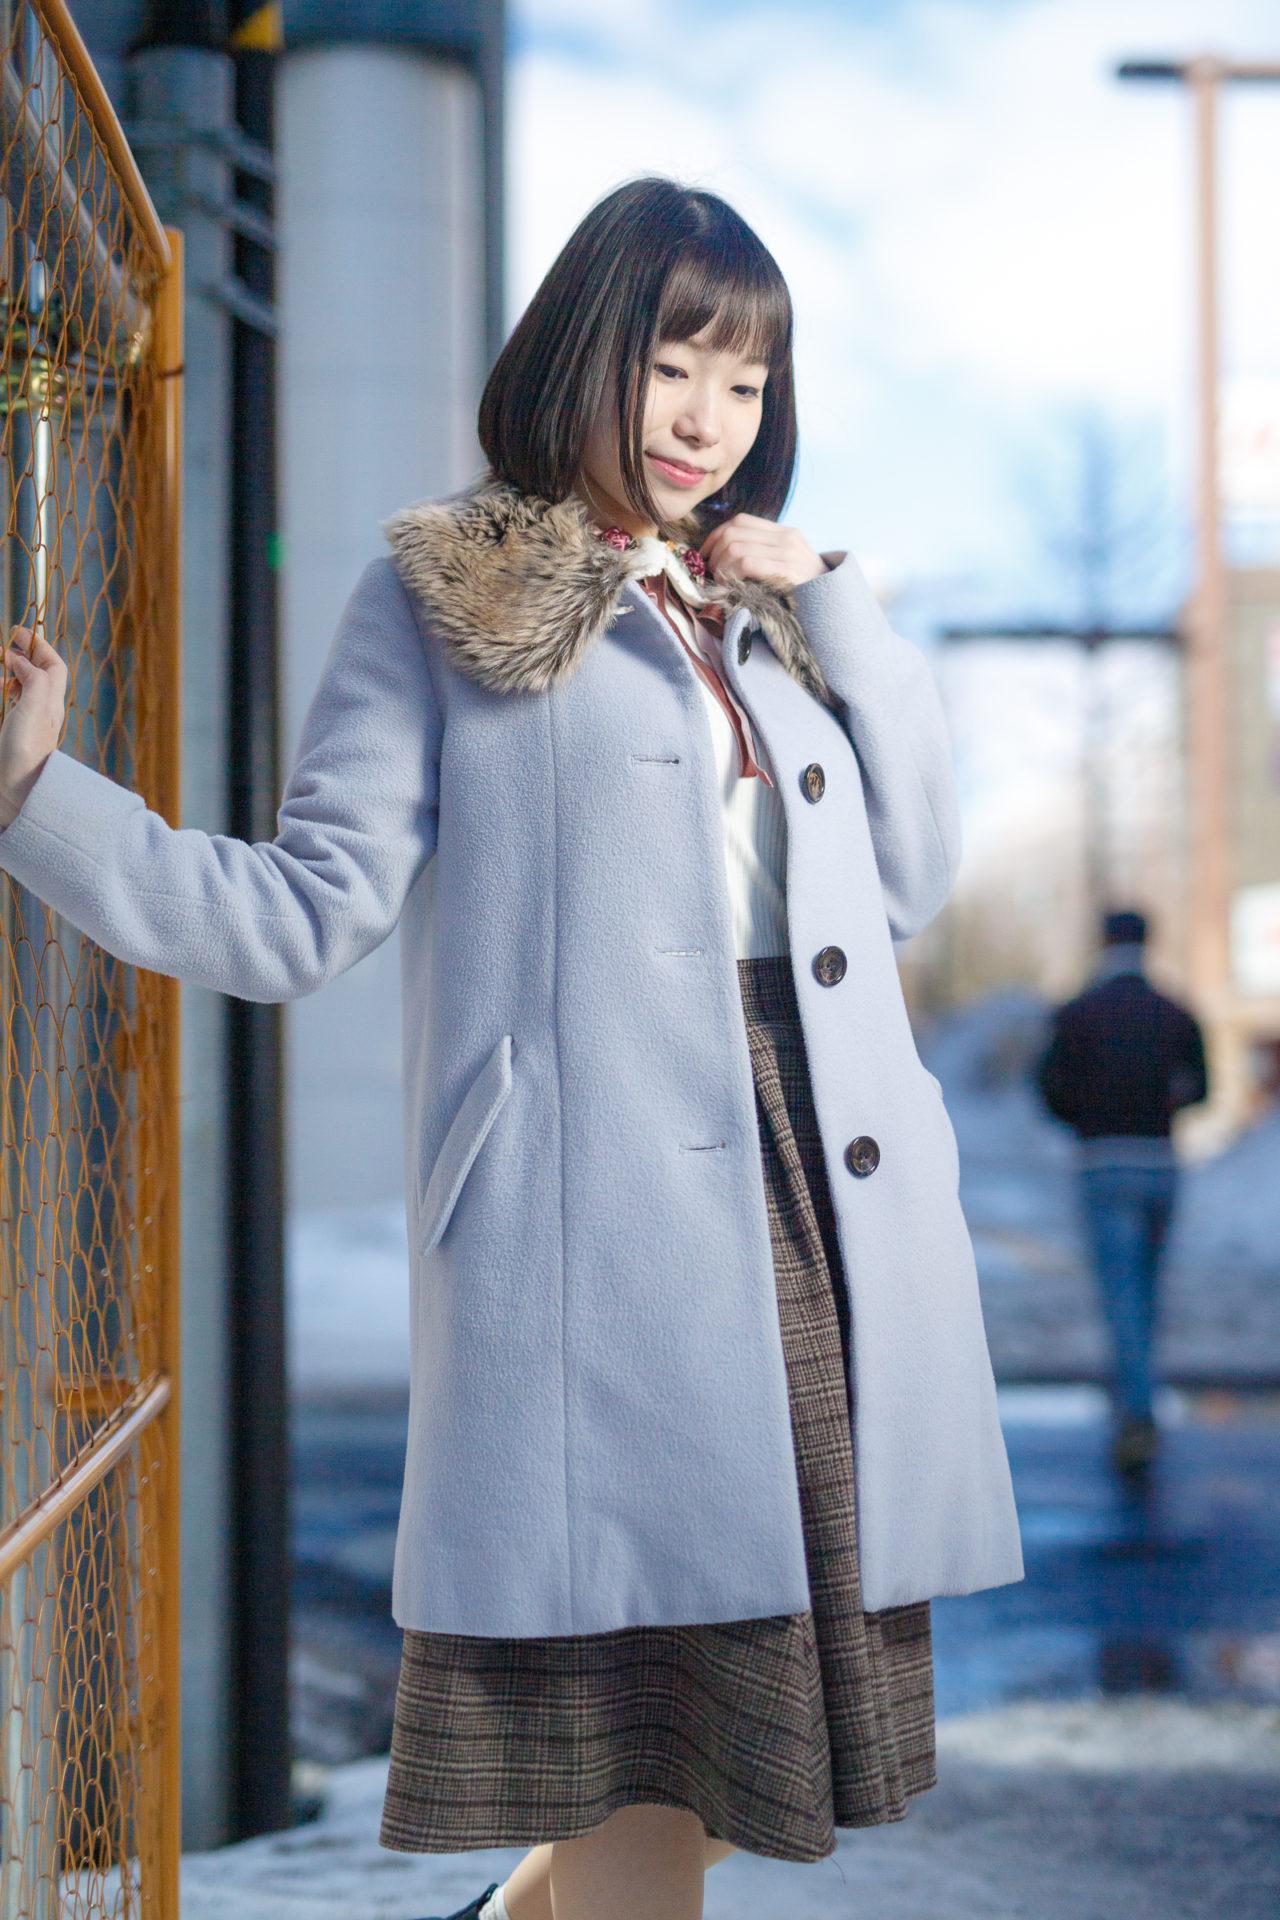 2代目HAPPY少女♪ やよたん ( 鈴木やよい ) | 撮影会 in 事務所撮影スタジオ